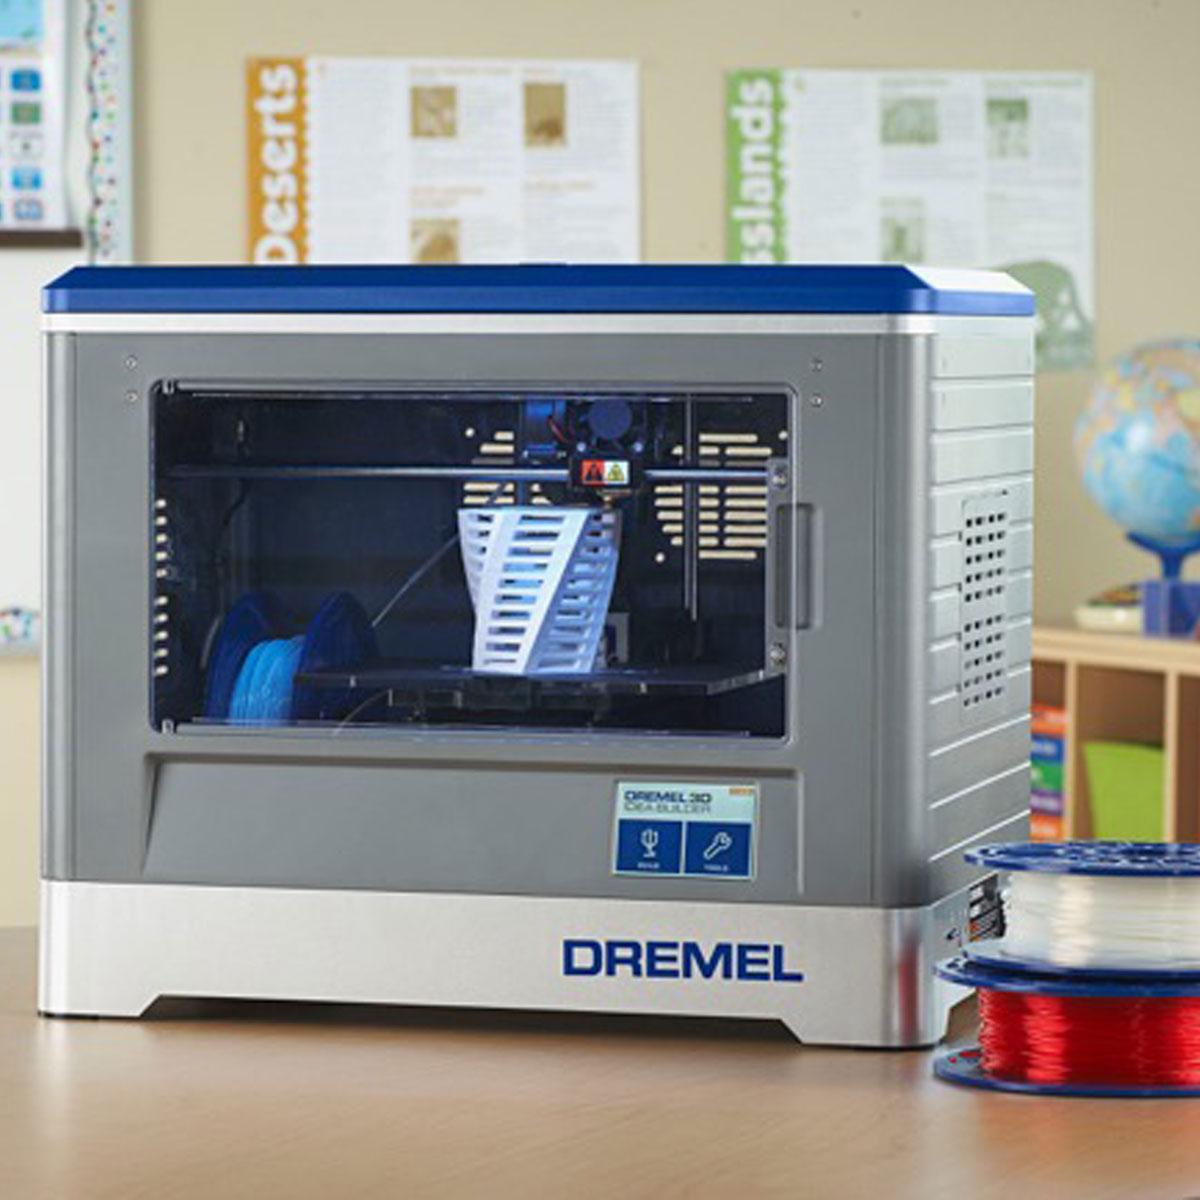 Build Platform for 3D20 3D Printer